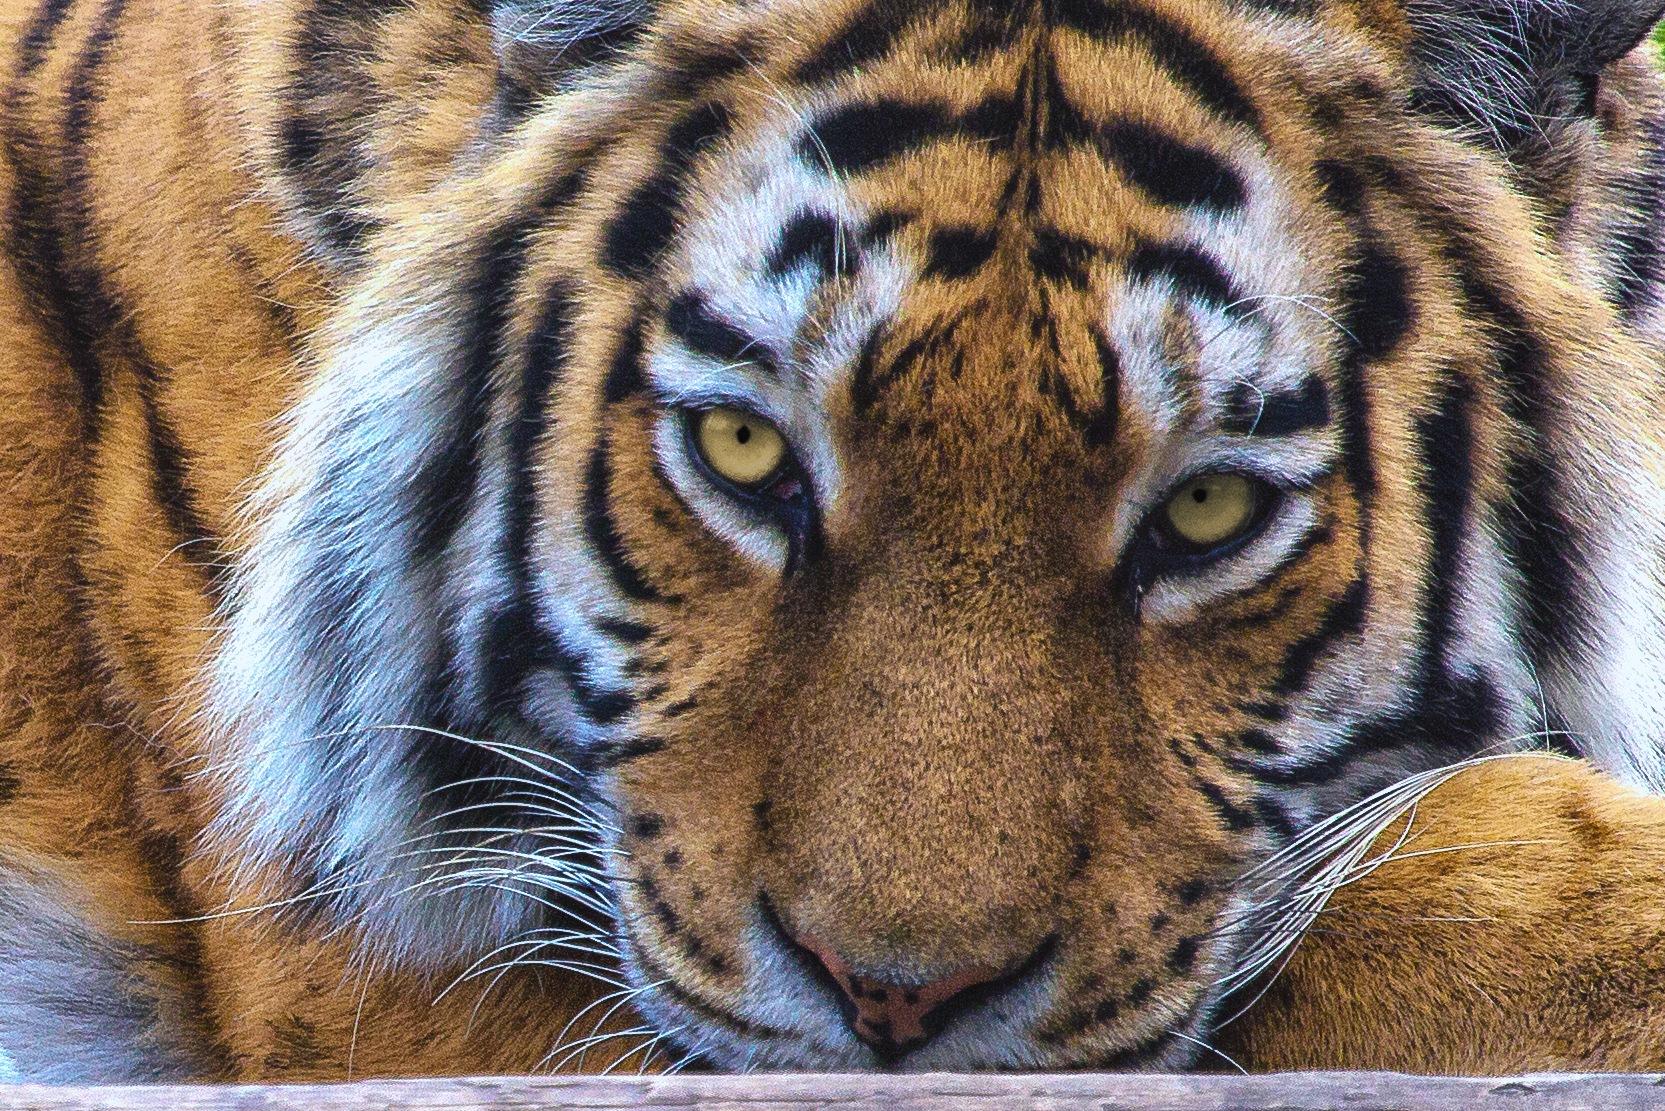 tiger by Christoph Reiter